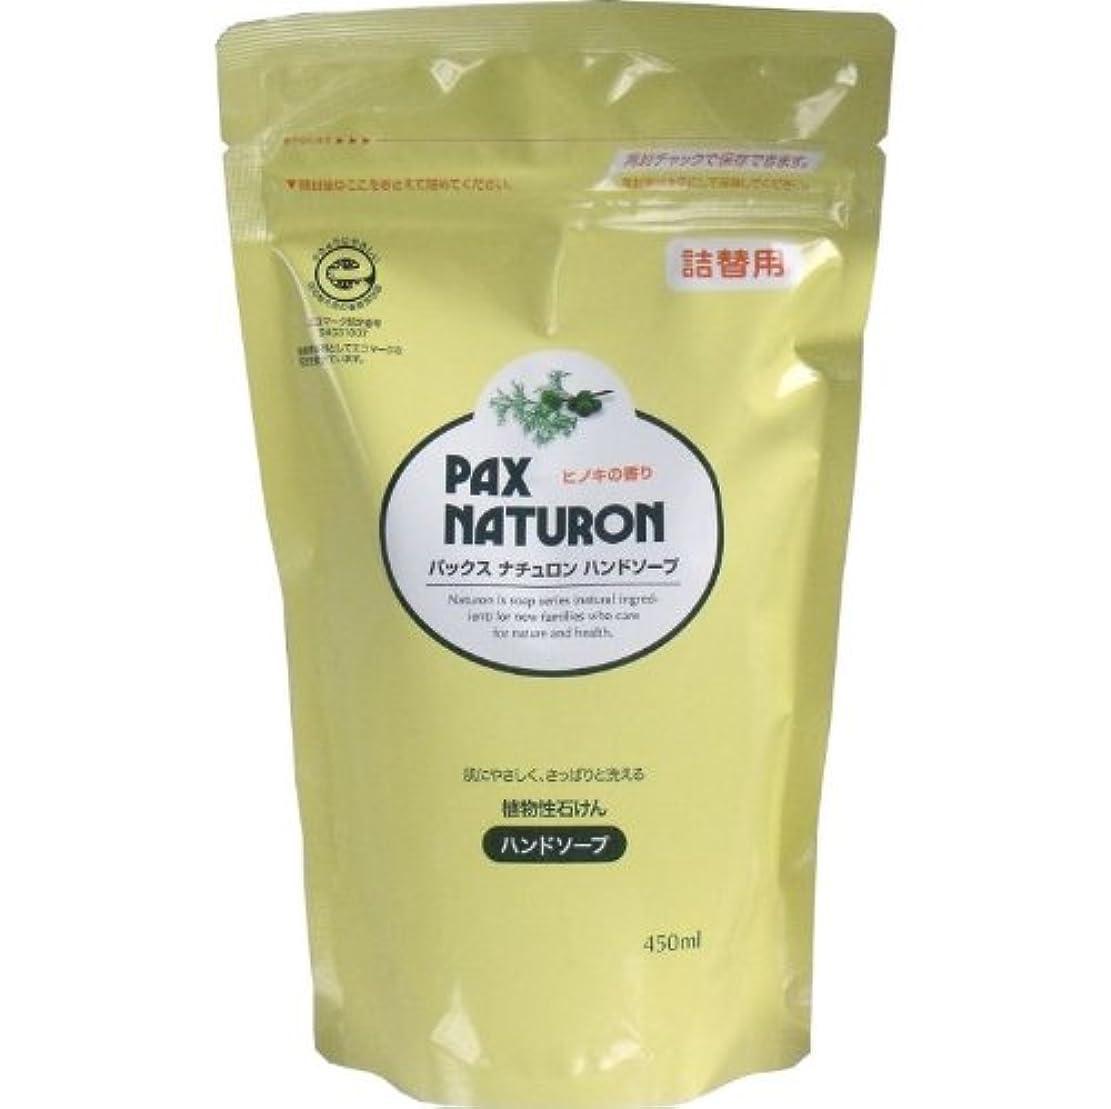 かご絶壁抜け目がない肌にやさしく、さっぱりと洗える植物性石けん!植物性ハンドソープ 詰替用 450mL【5個セット】